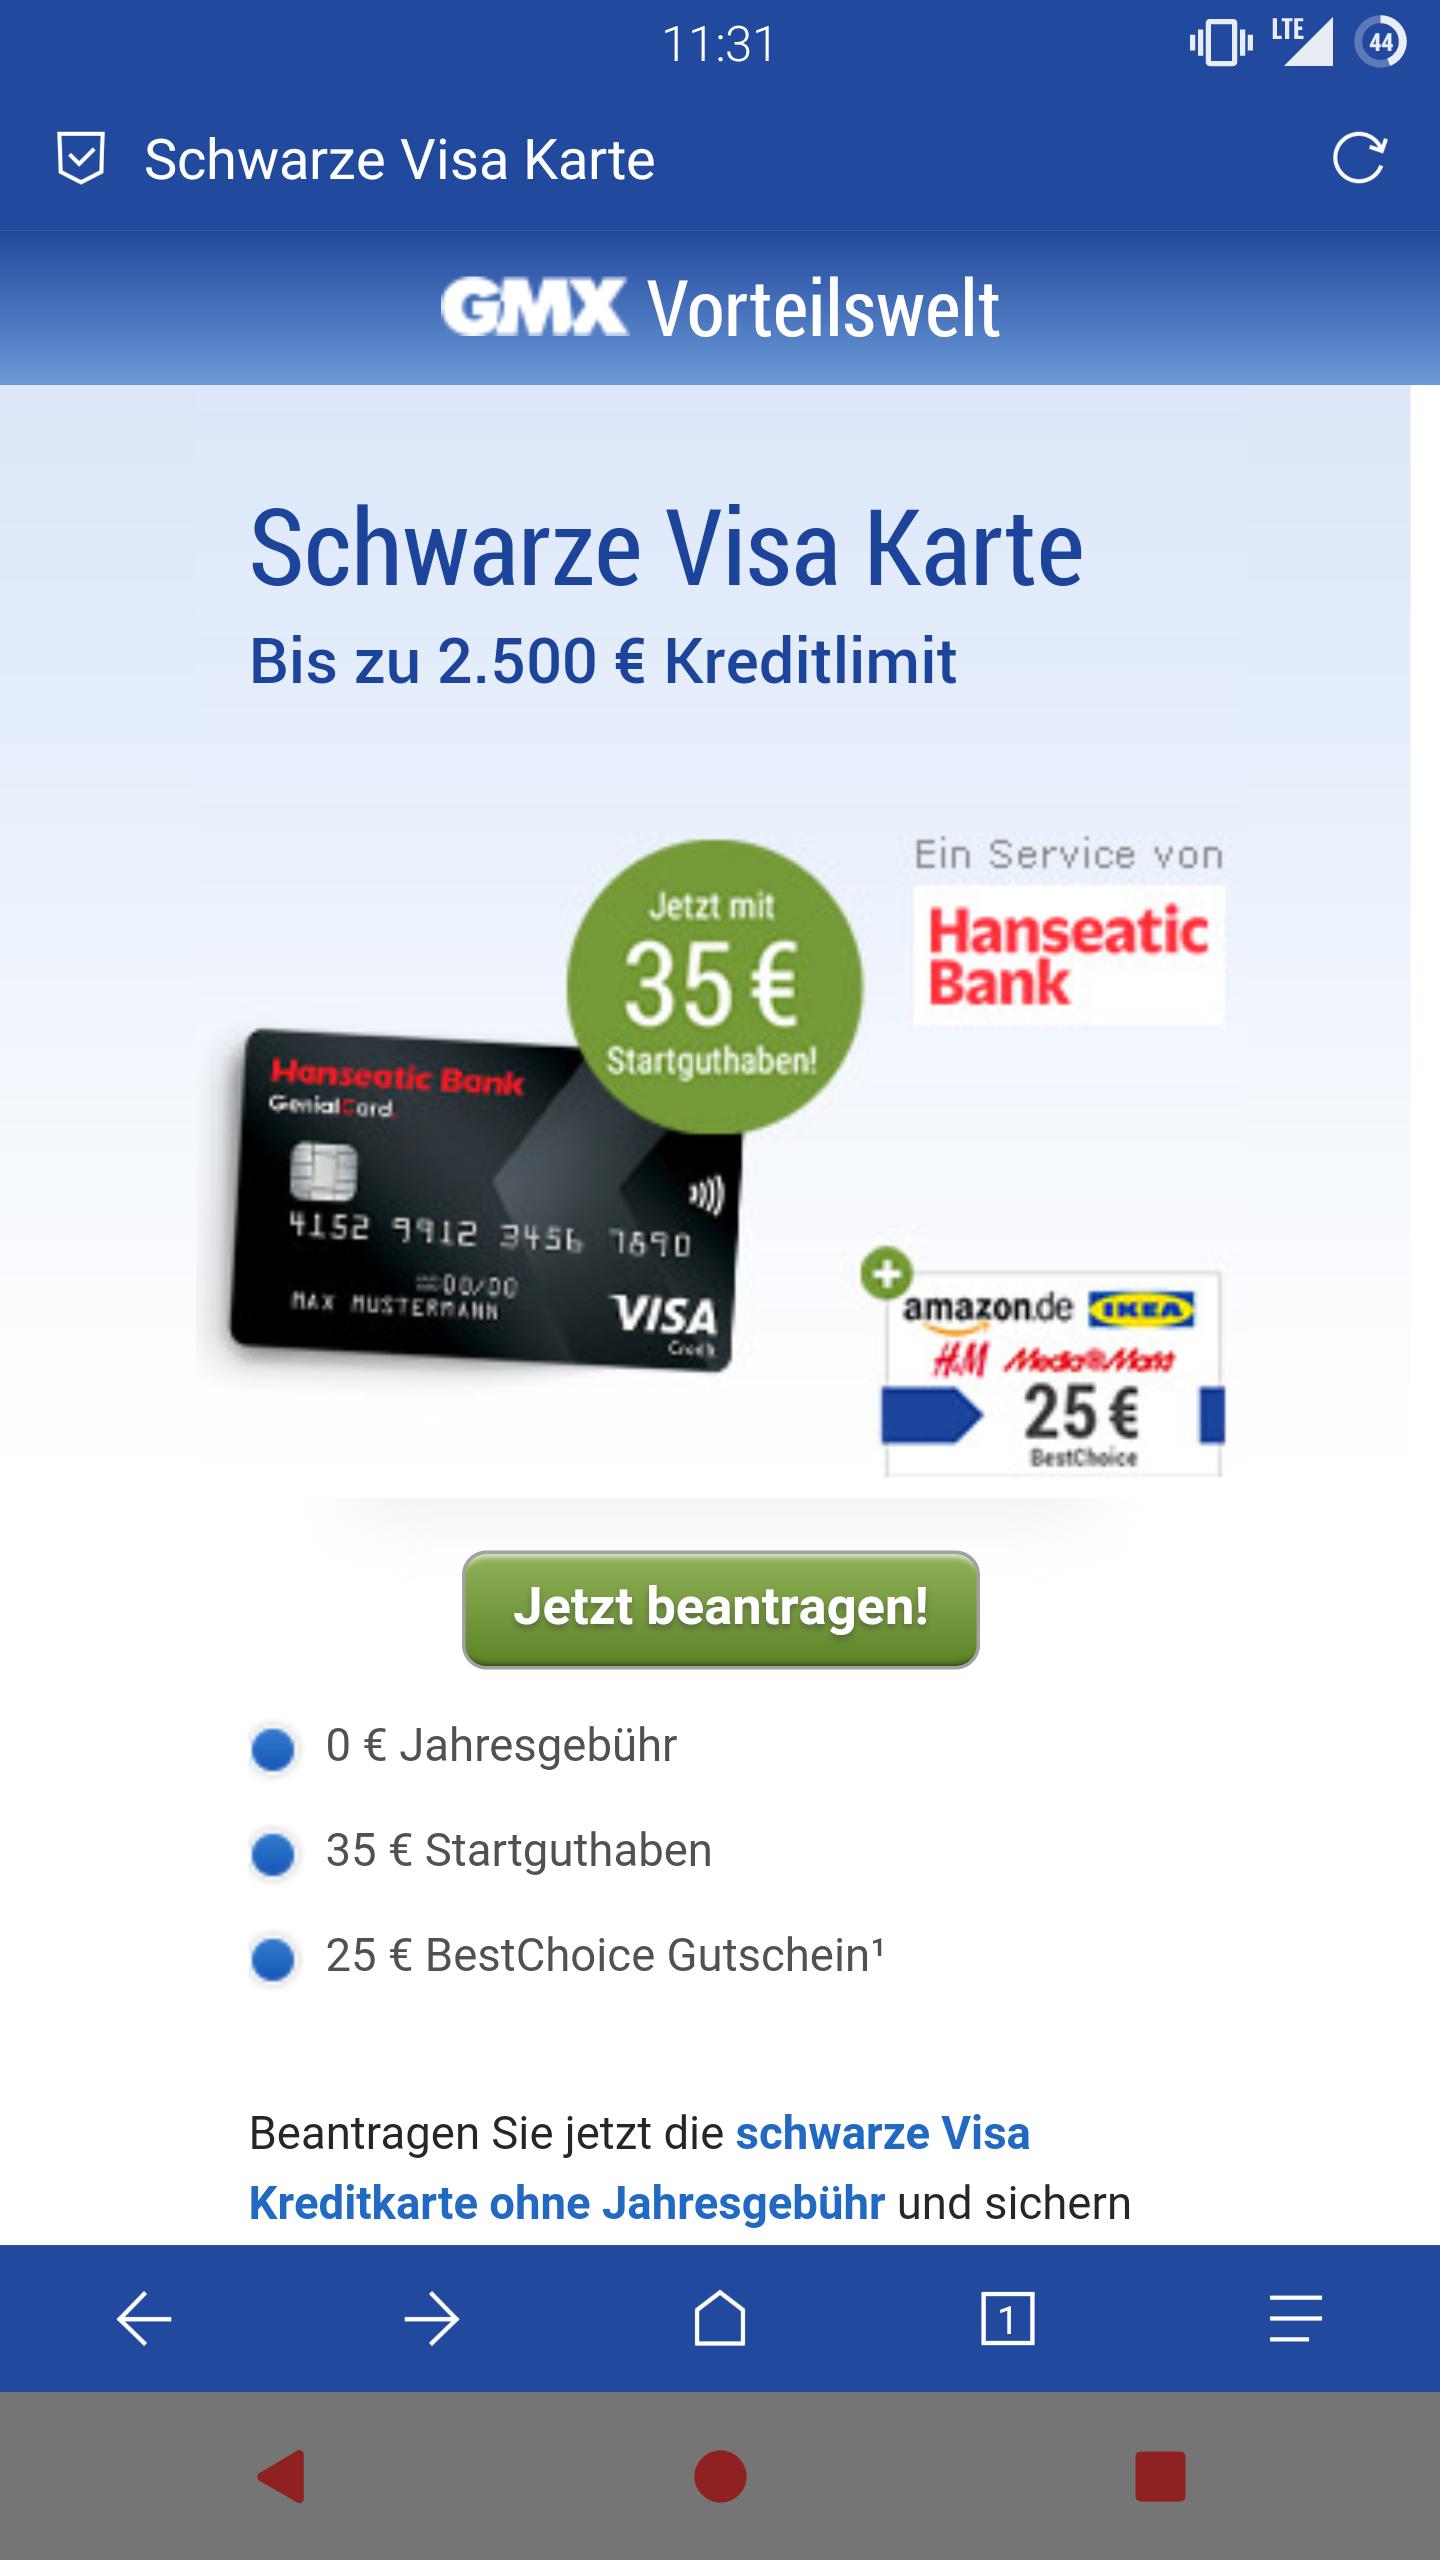 [GMX] Schwarze Visa Hanseatic Bank + 60€ Vorteil